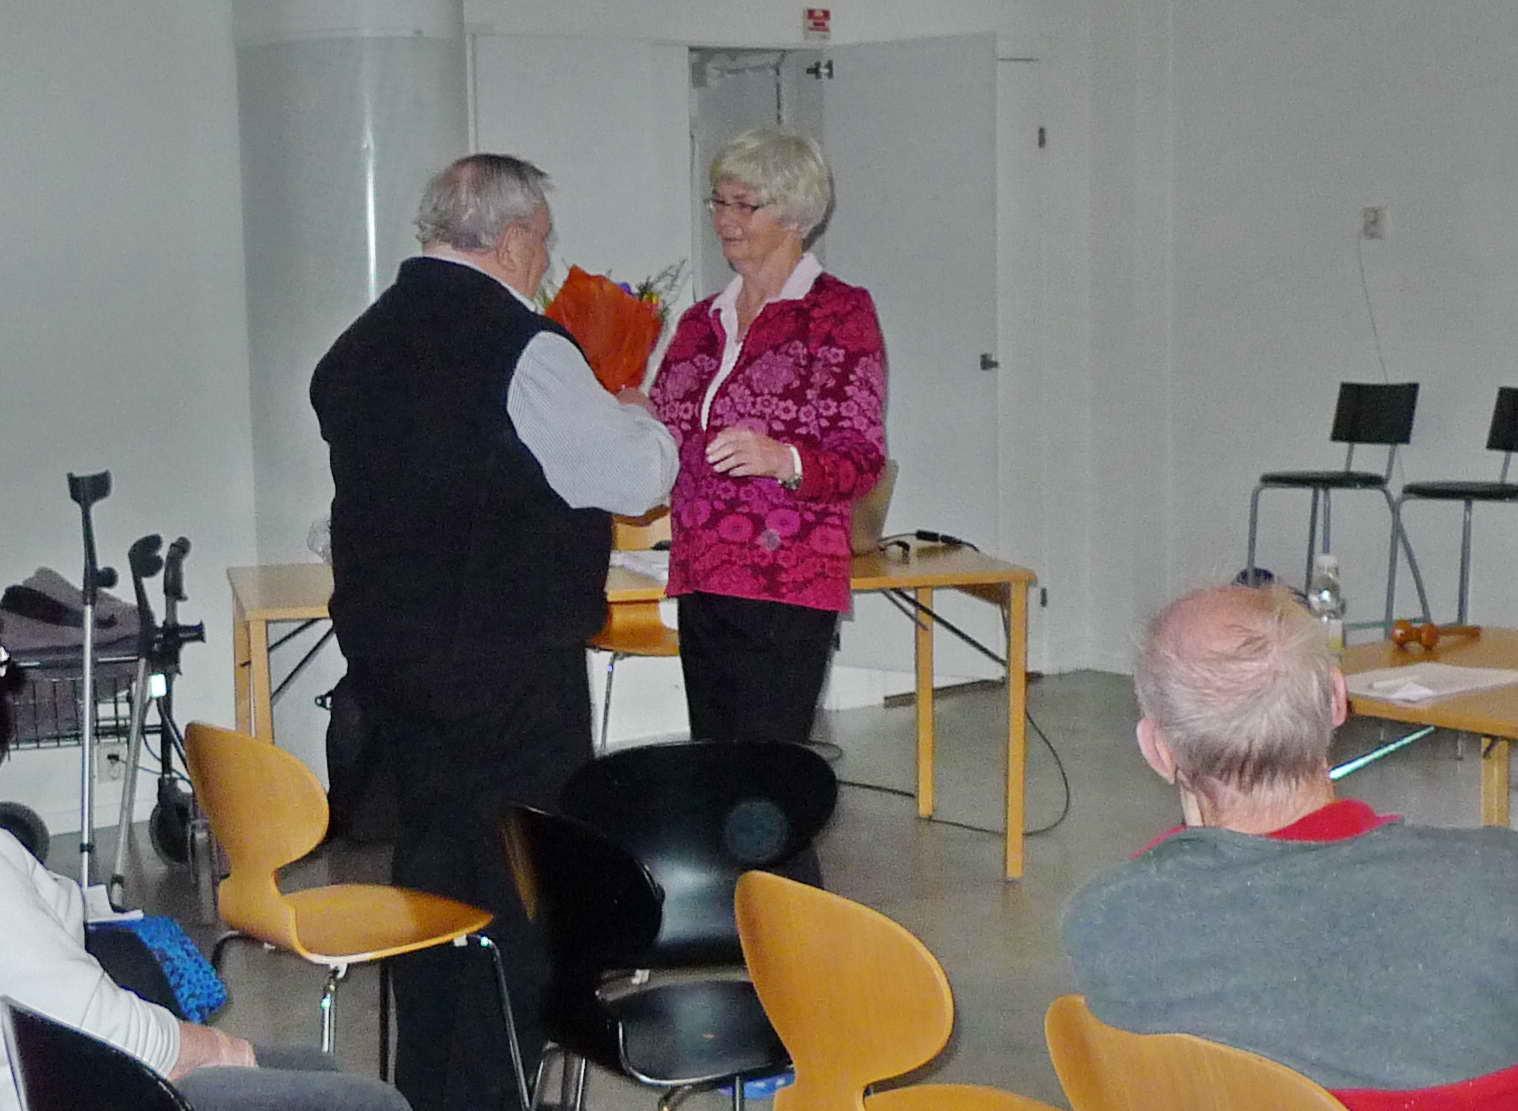 Alf Glesing var årsmötets ordförande. Här avtackas han av Gunnel.